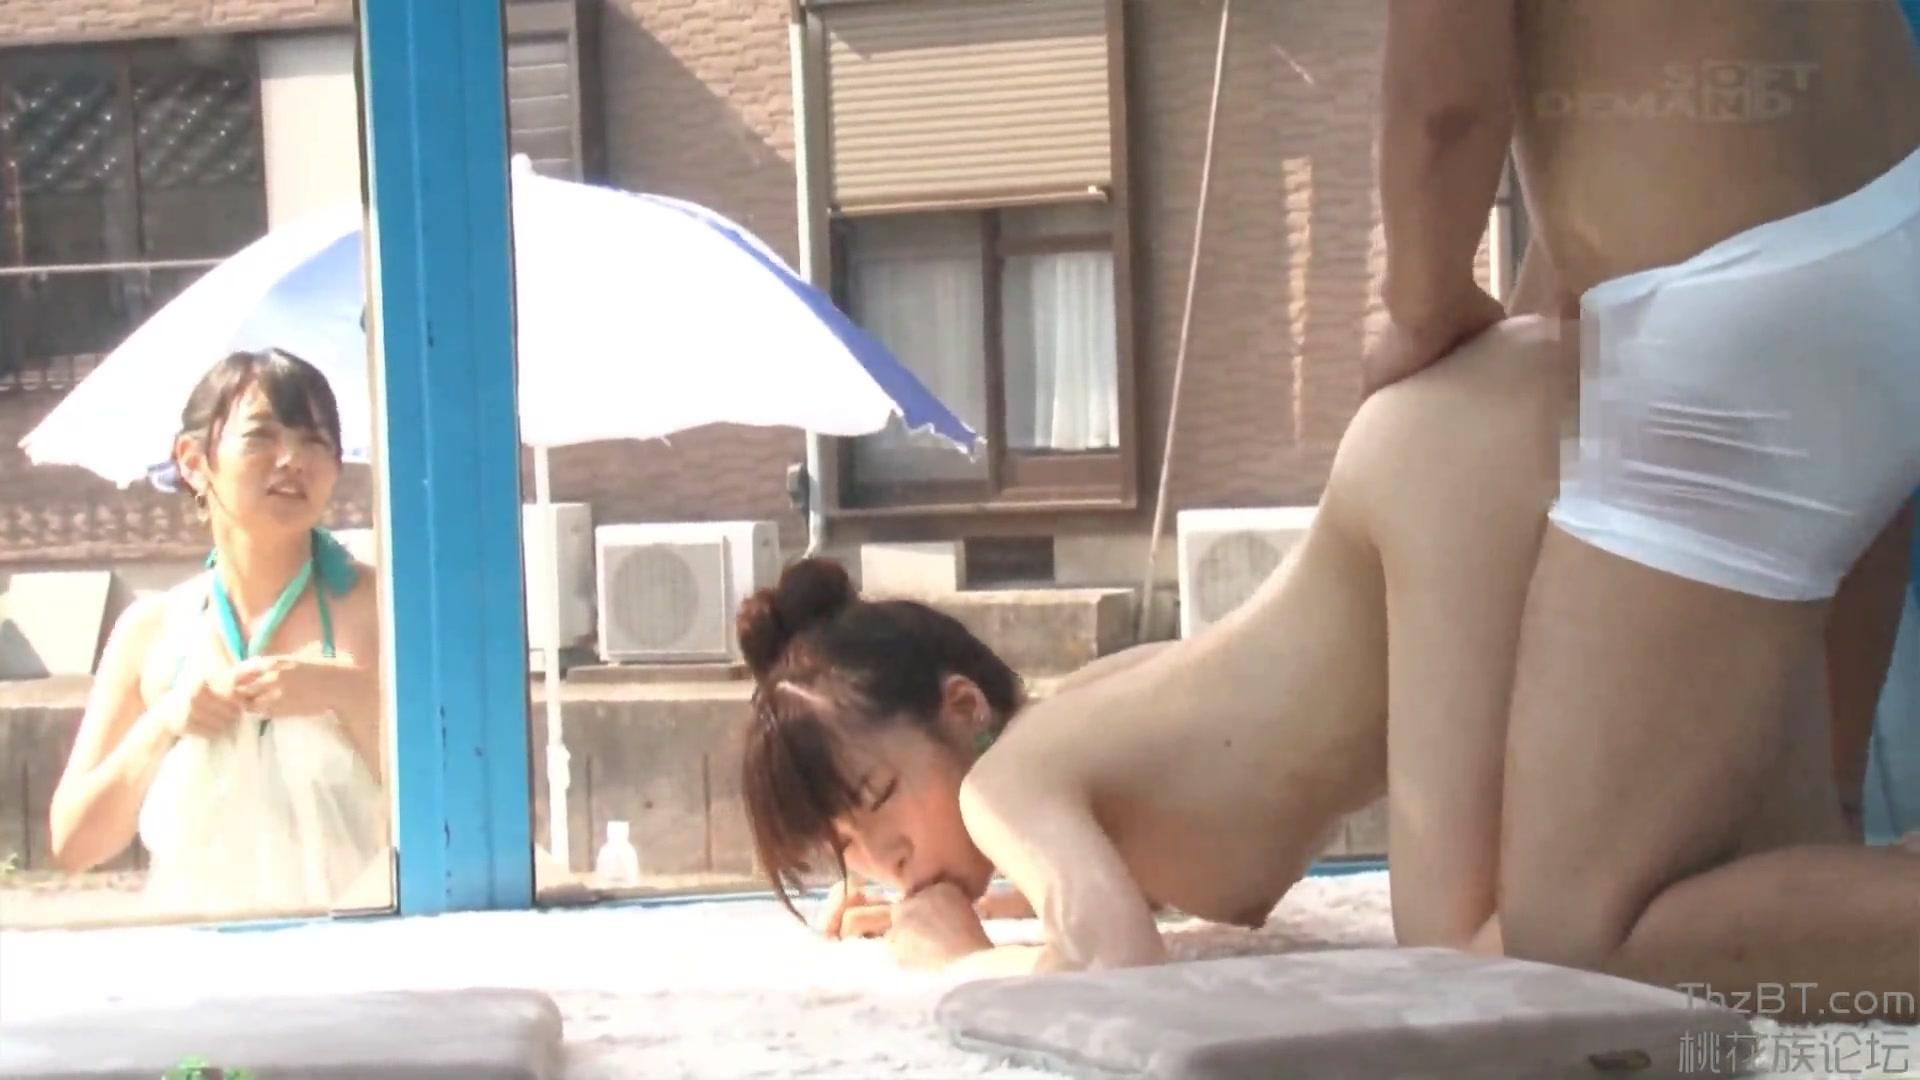 発育中のJSが濃厚生正常位ピストンに腰を震わせるの美少女動画